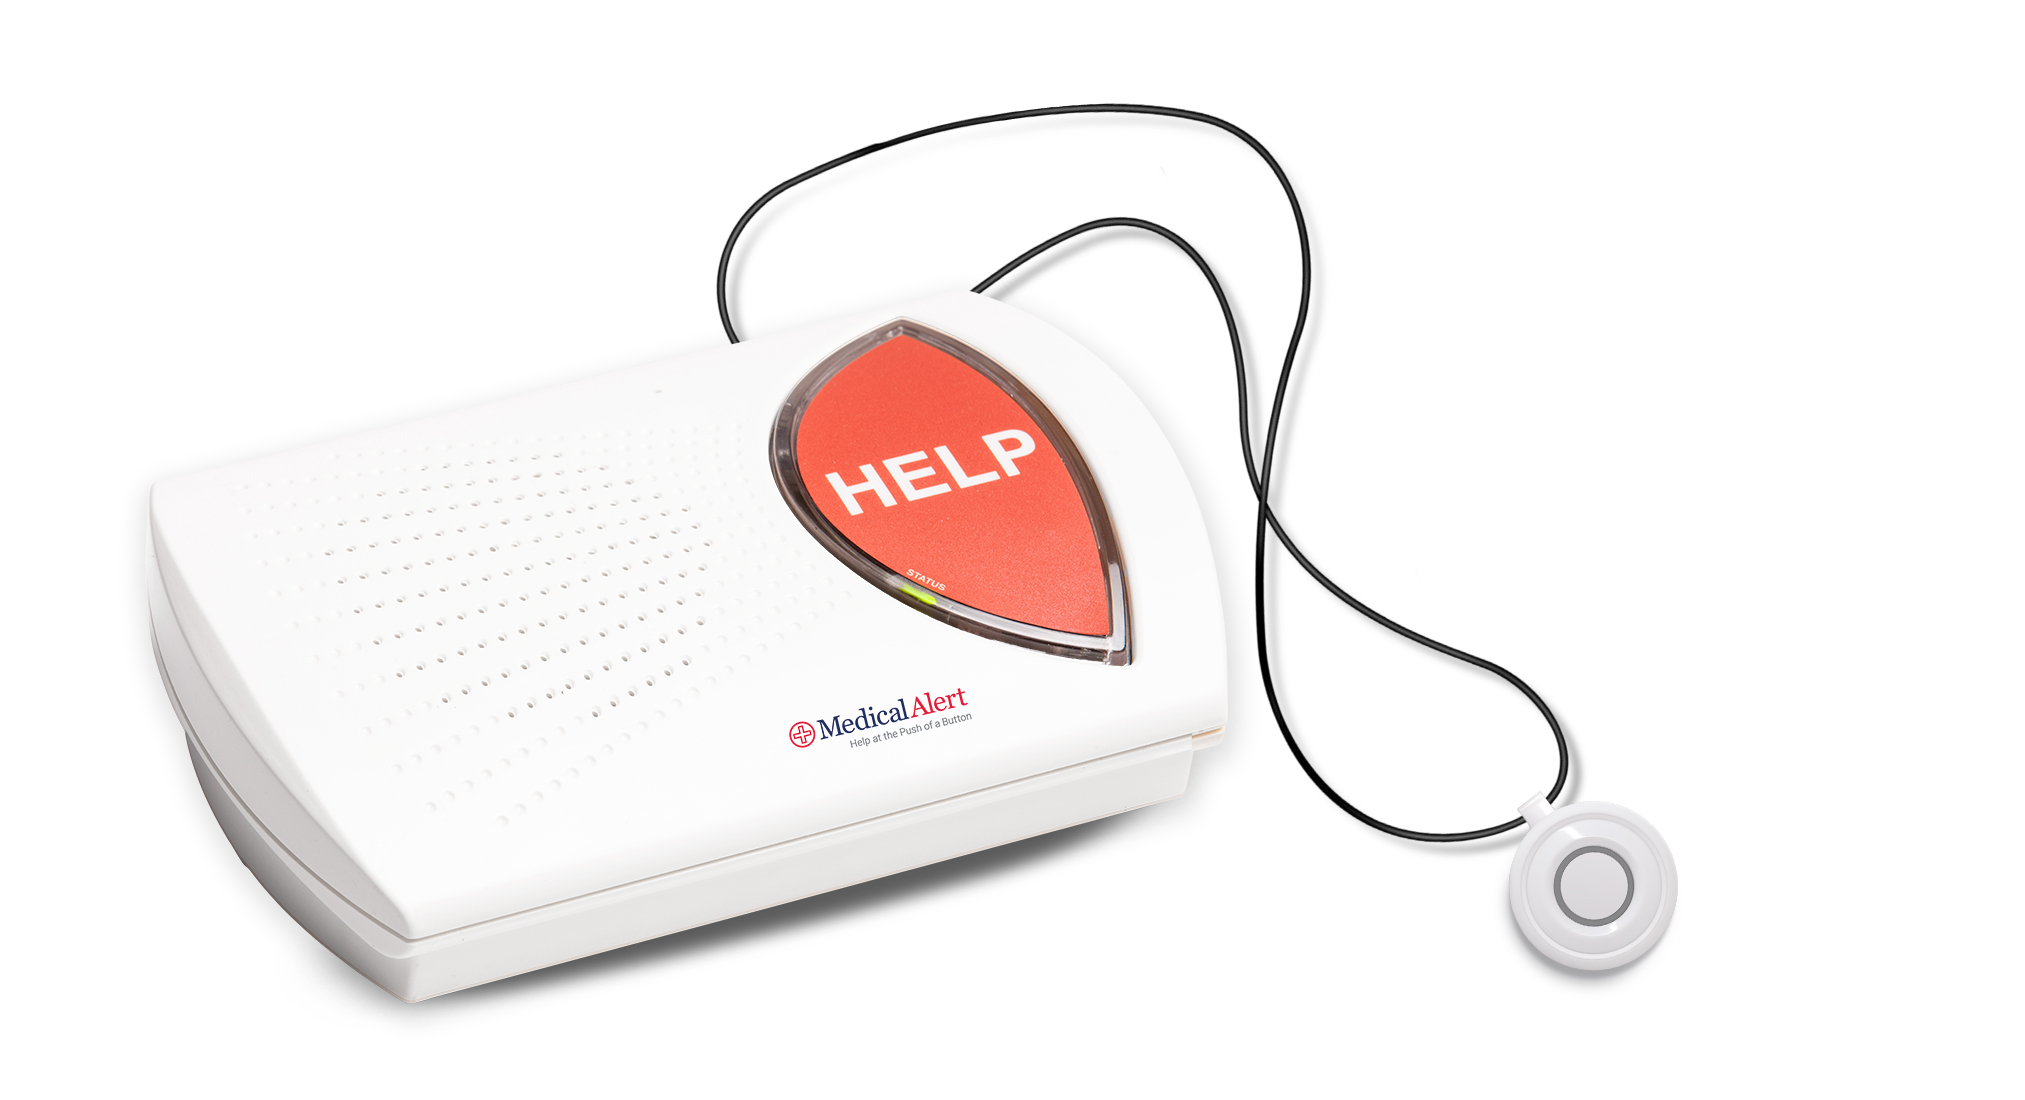 medical-alert medical device